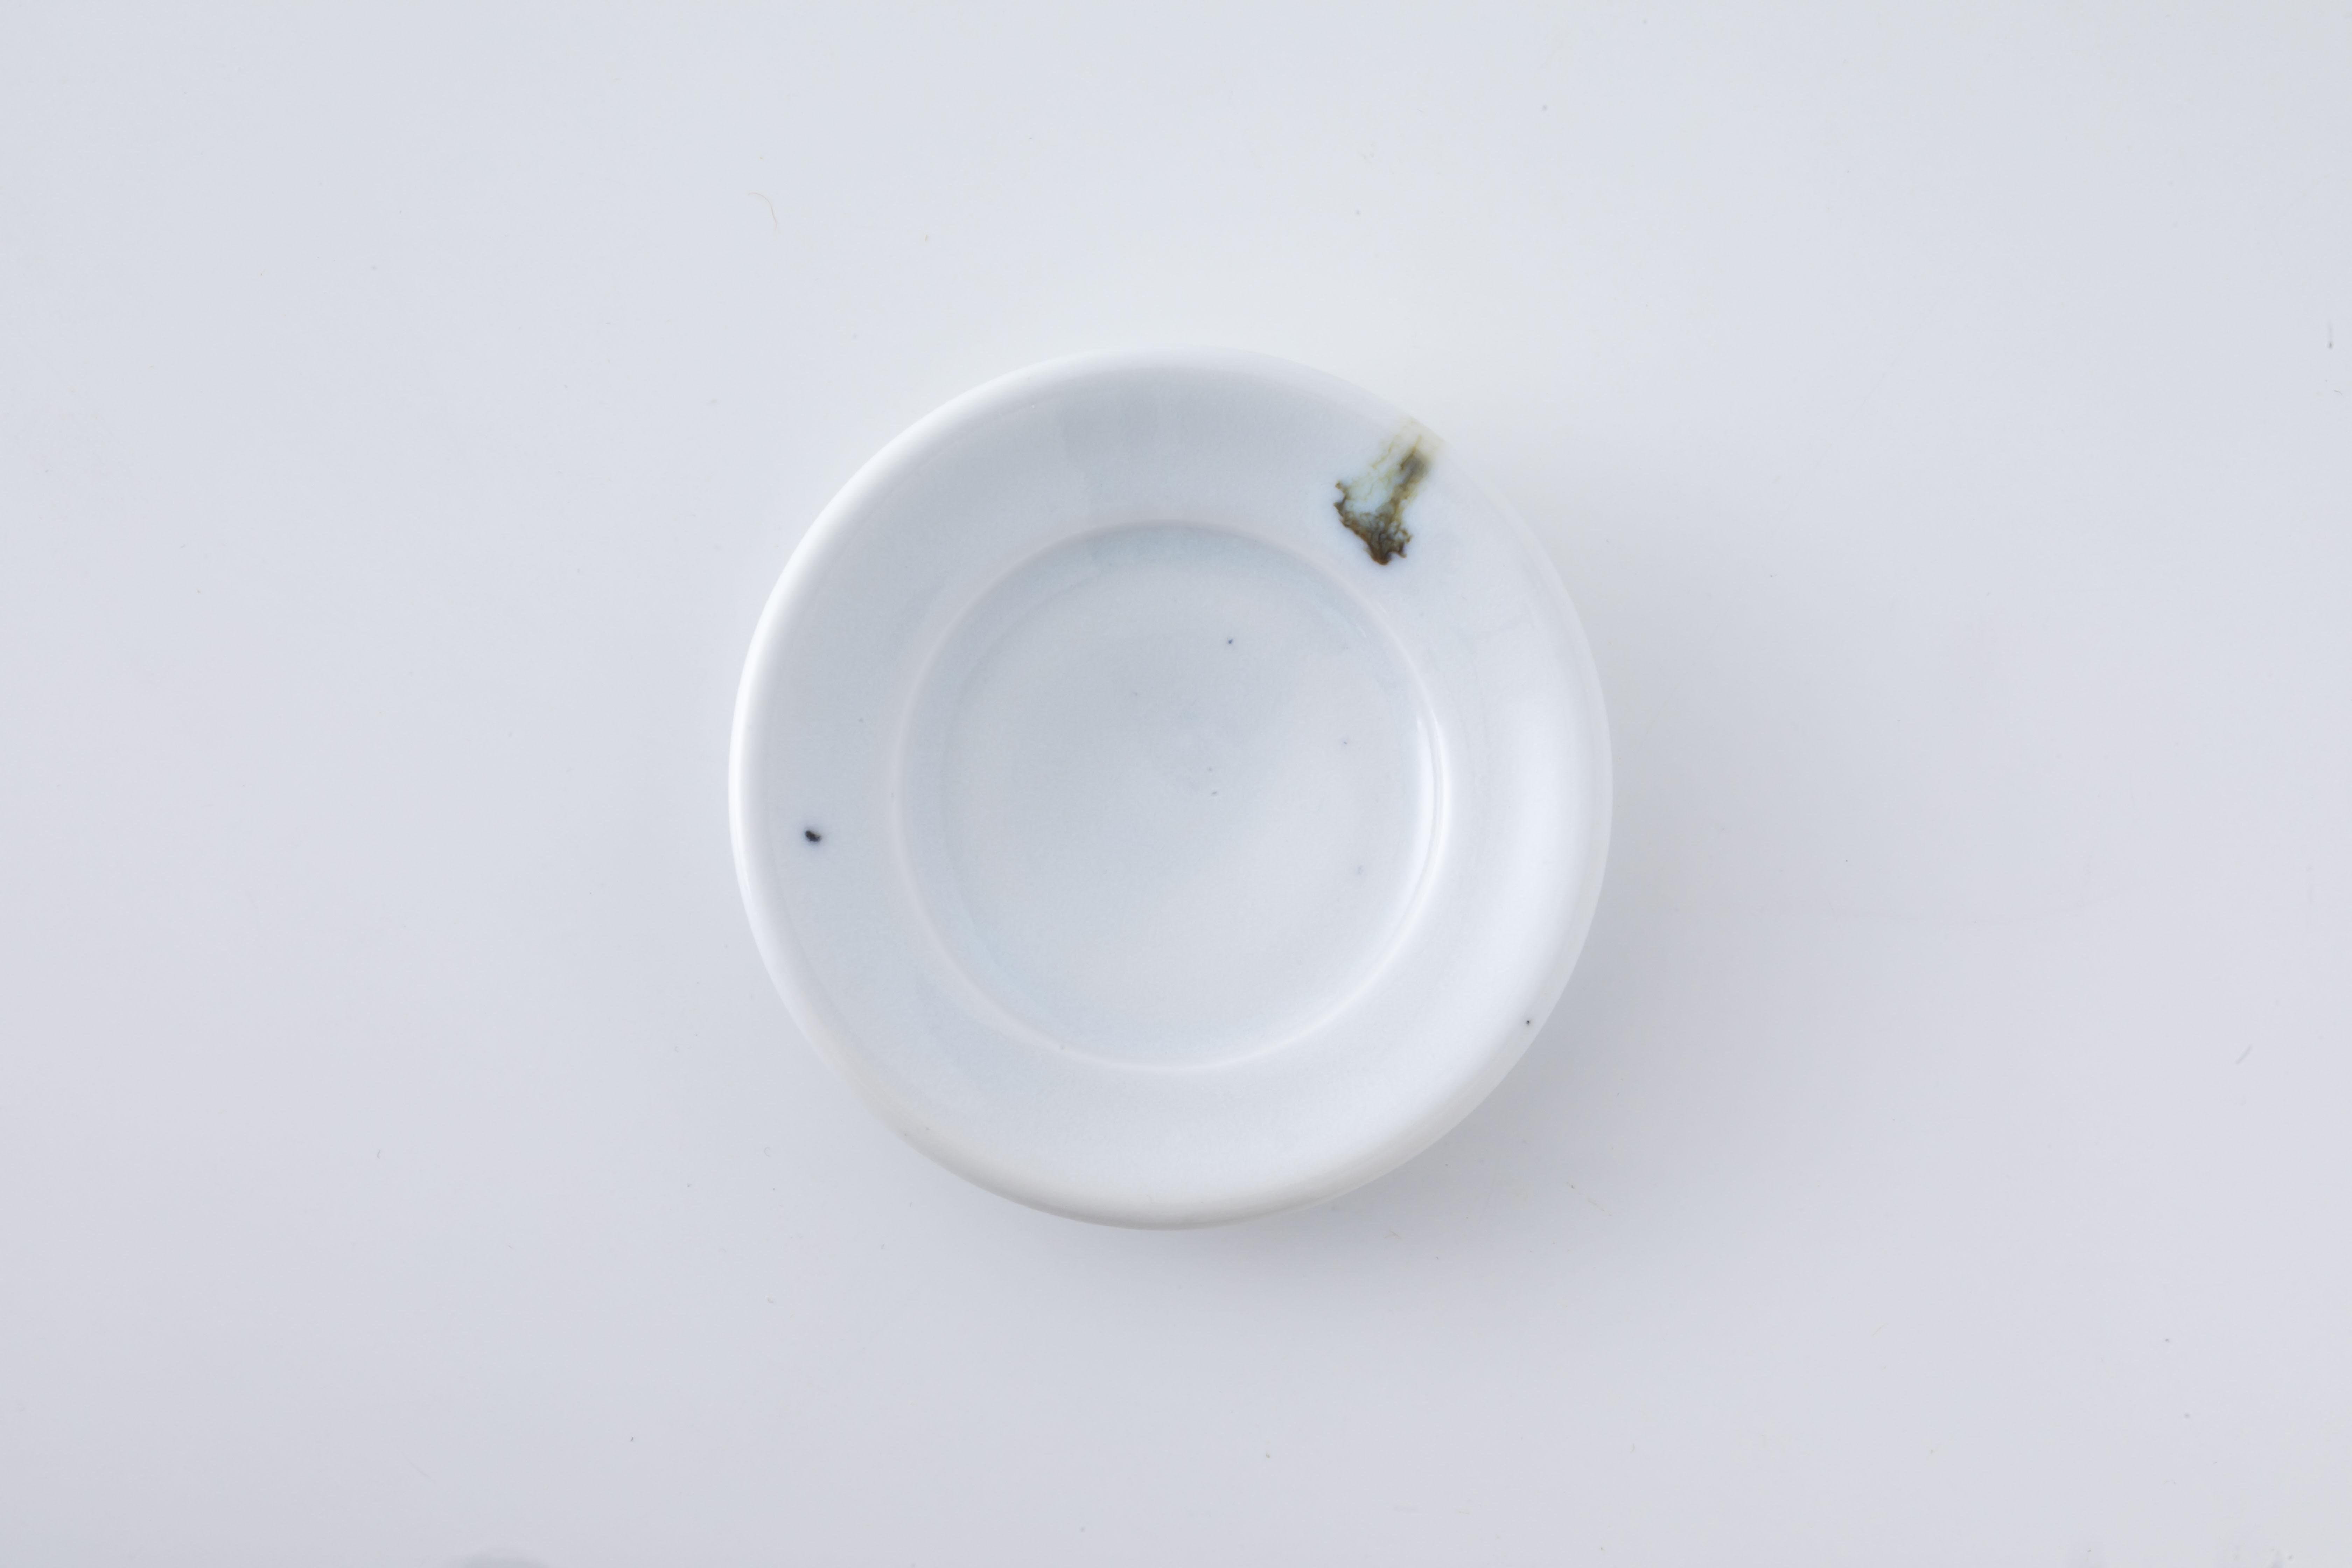 リム豆皿:10 / 人見 和樹